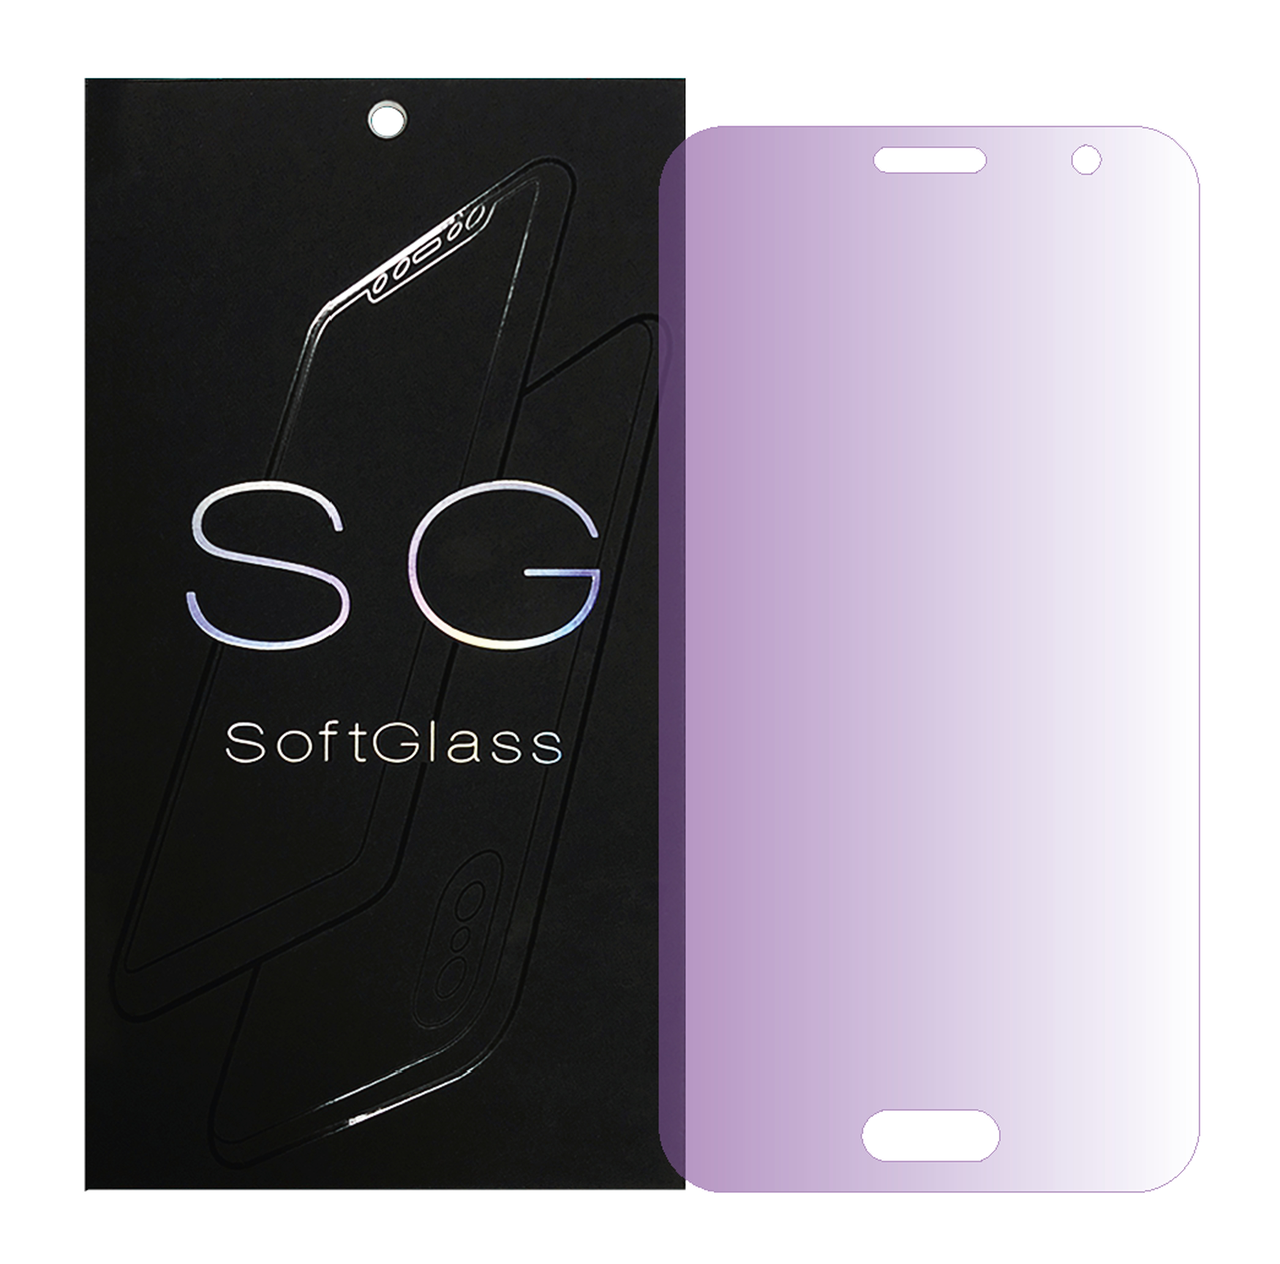 Поліуретанова плівка Samsung J1 2016 Моделі J120 SoftGlass Екран